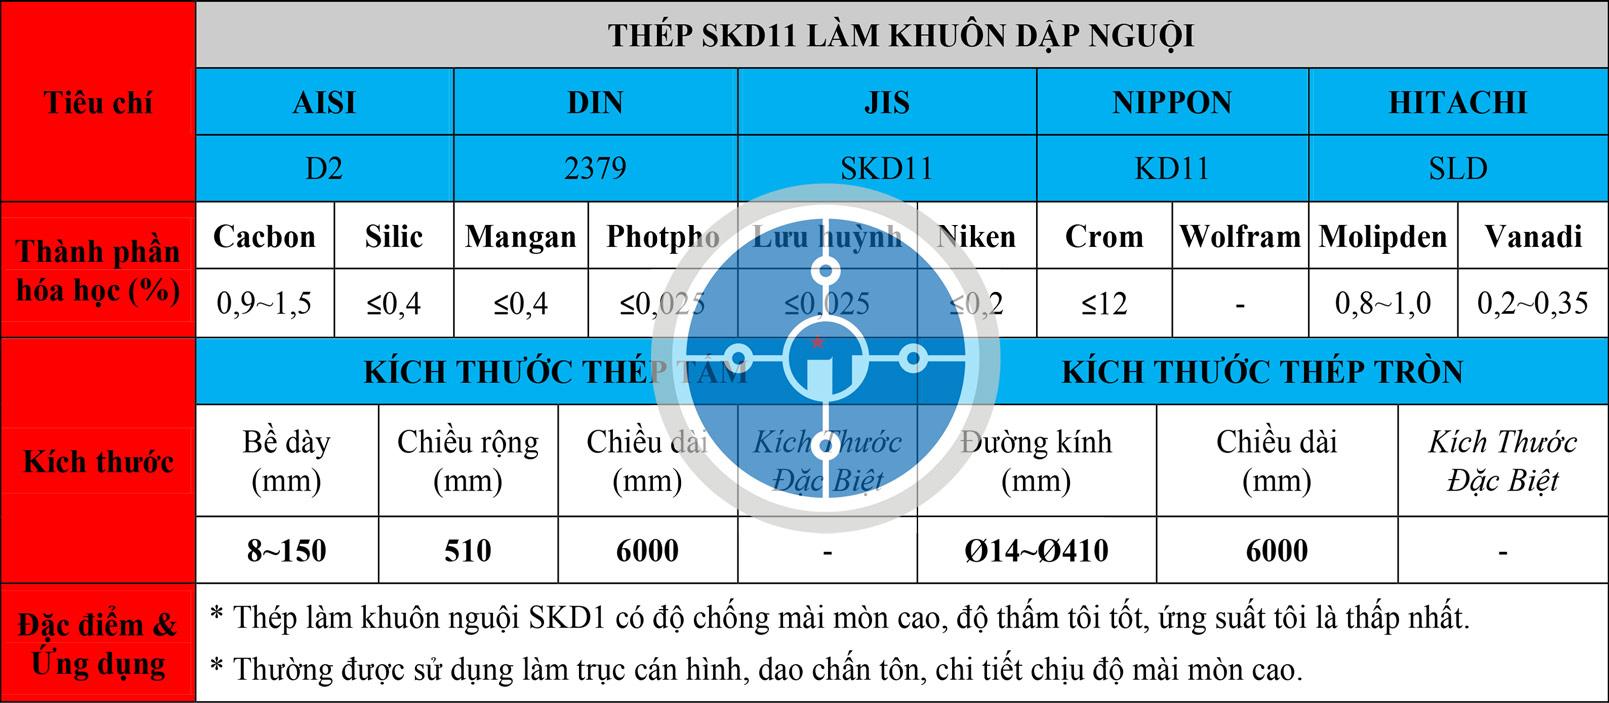 Bảng thông số kỹ thuật thép SKD11